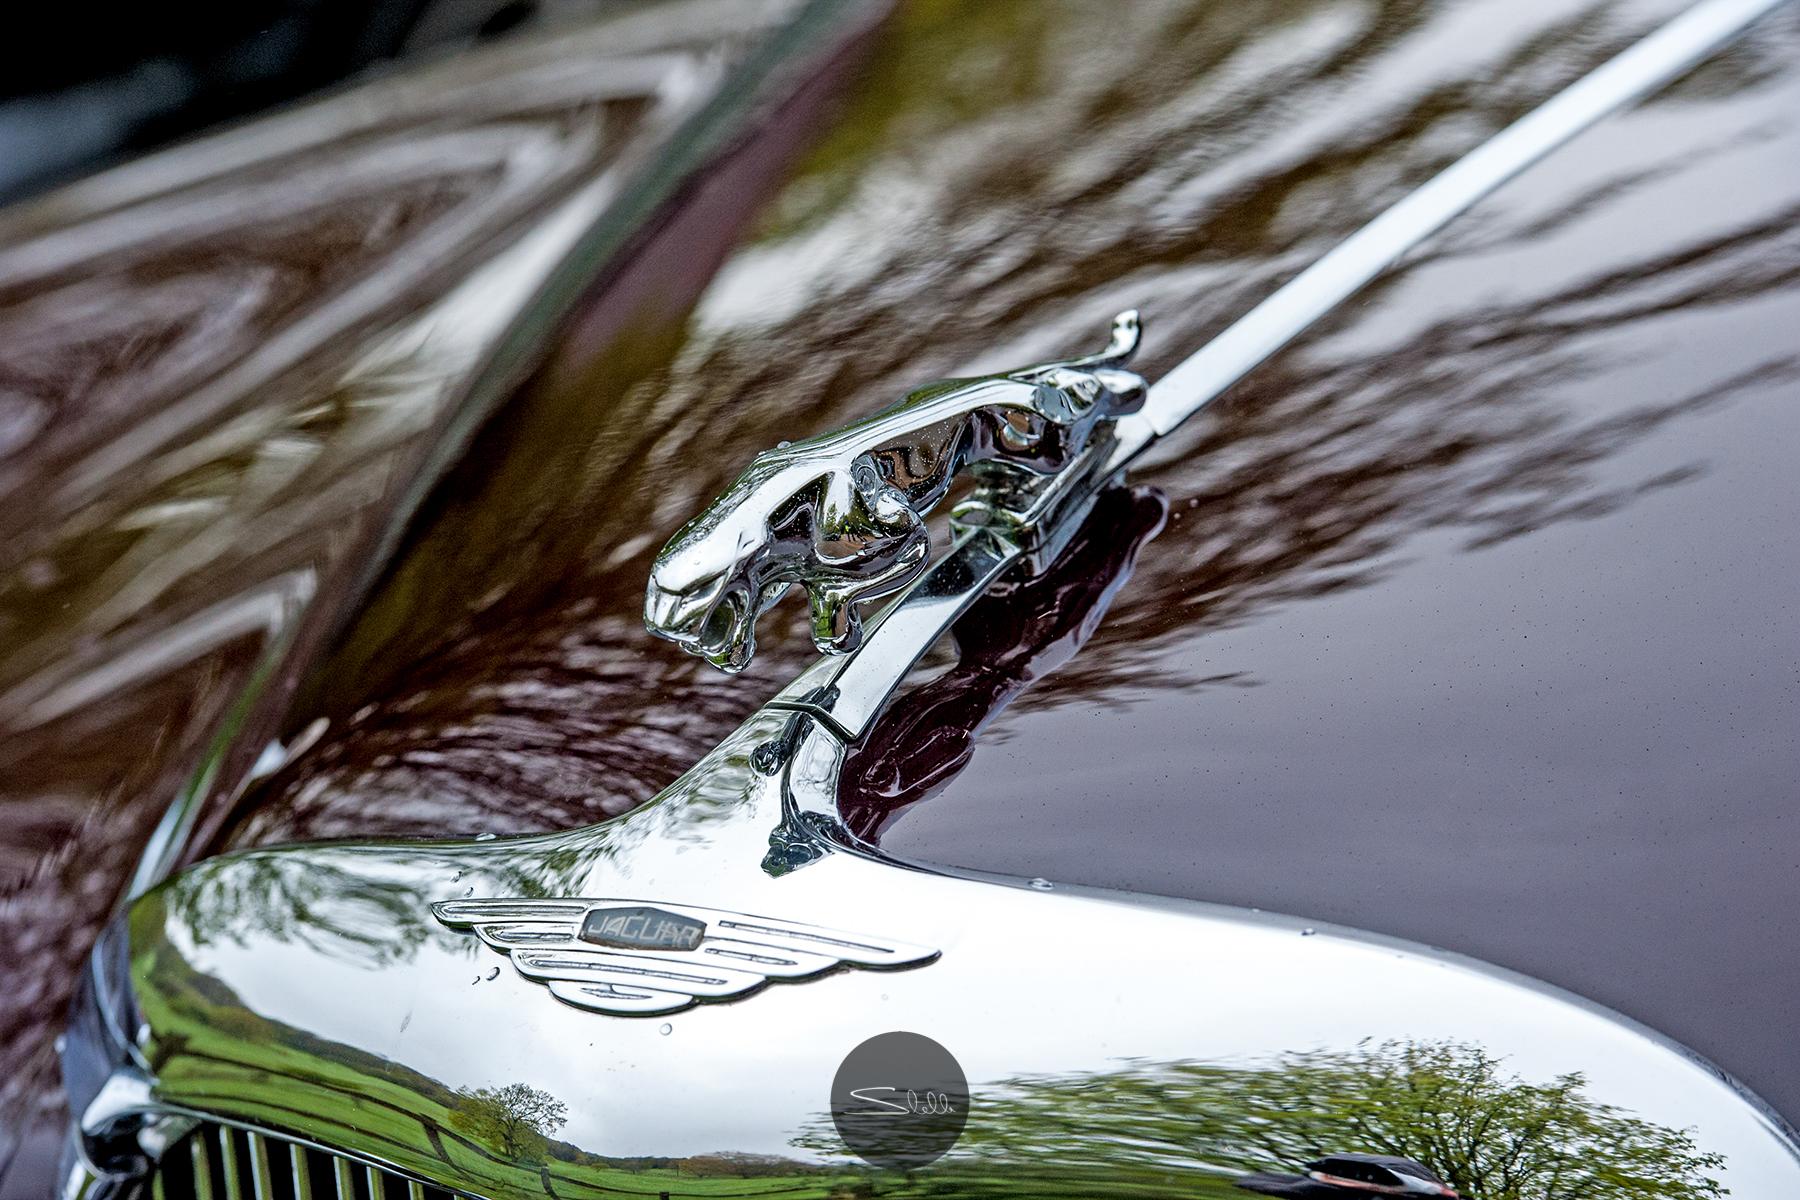 Stella Scordellis Jaguar Car Run 2015 20 Watermarked.jpg